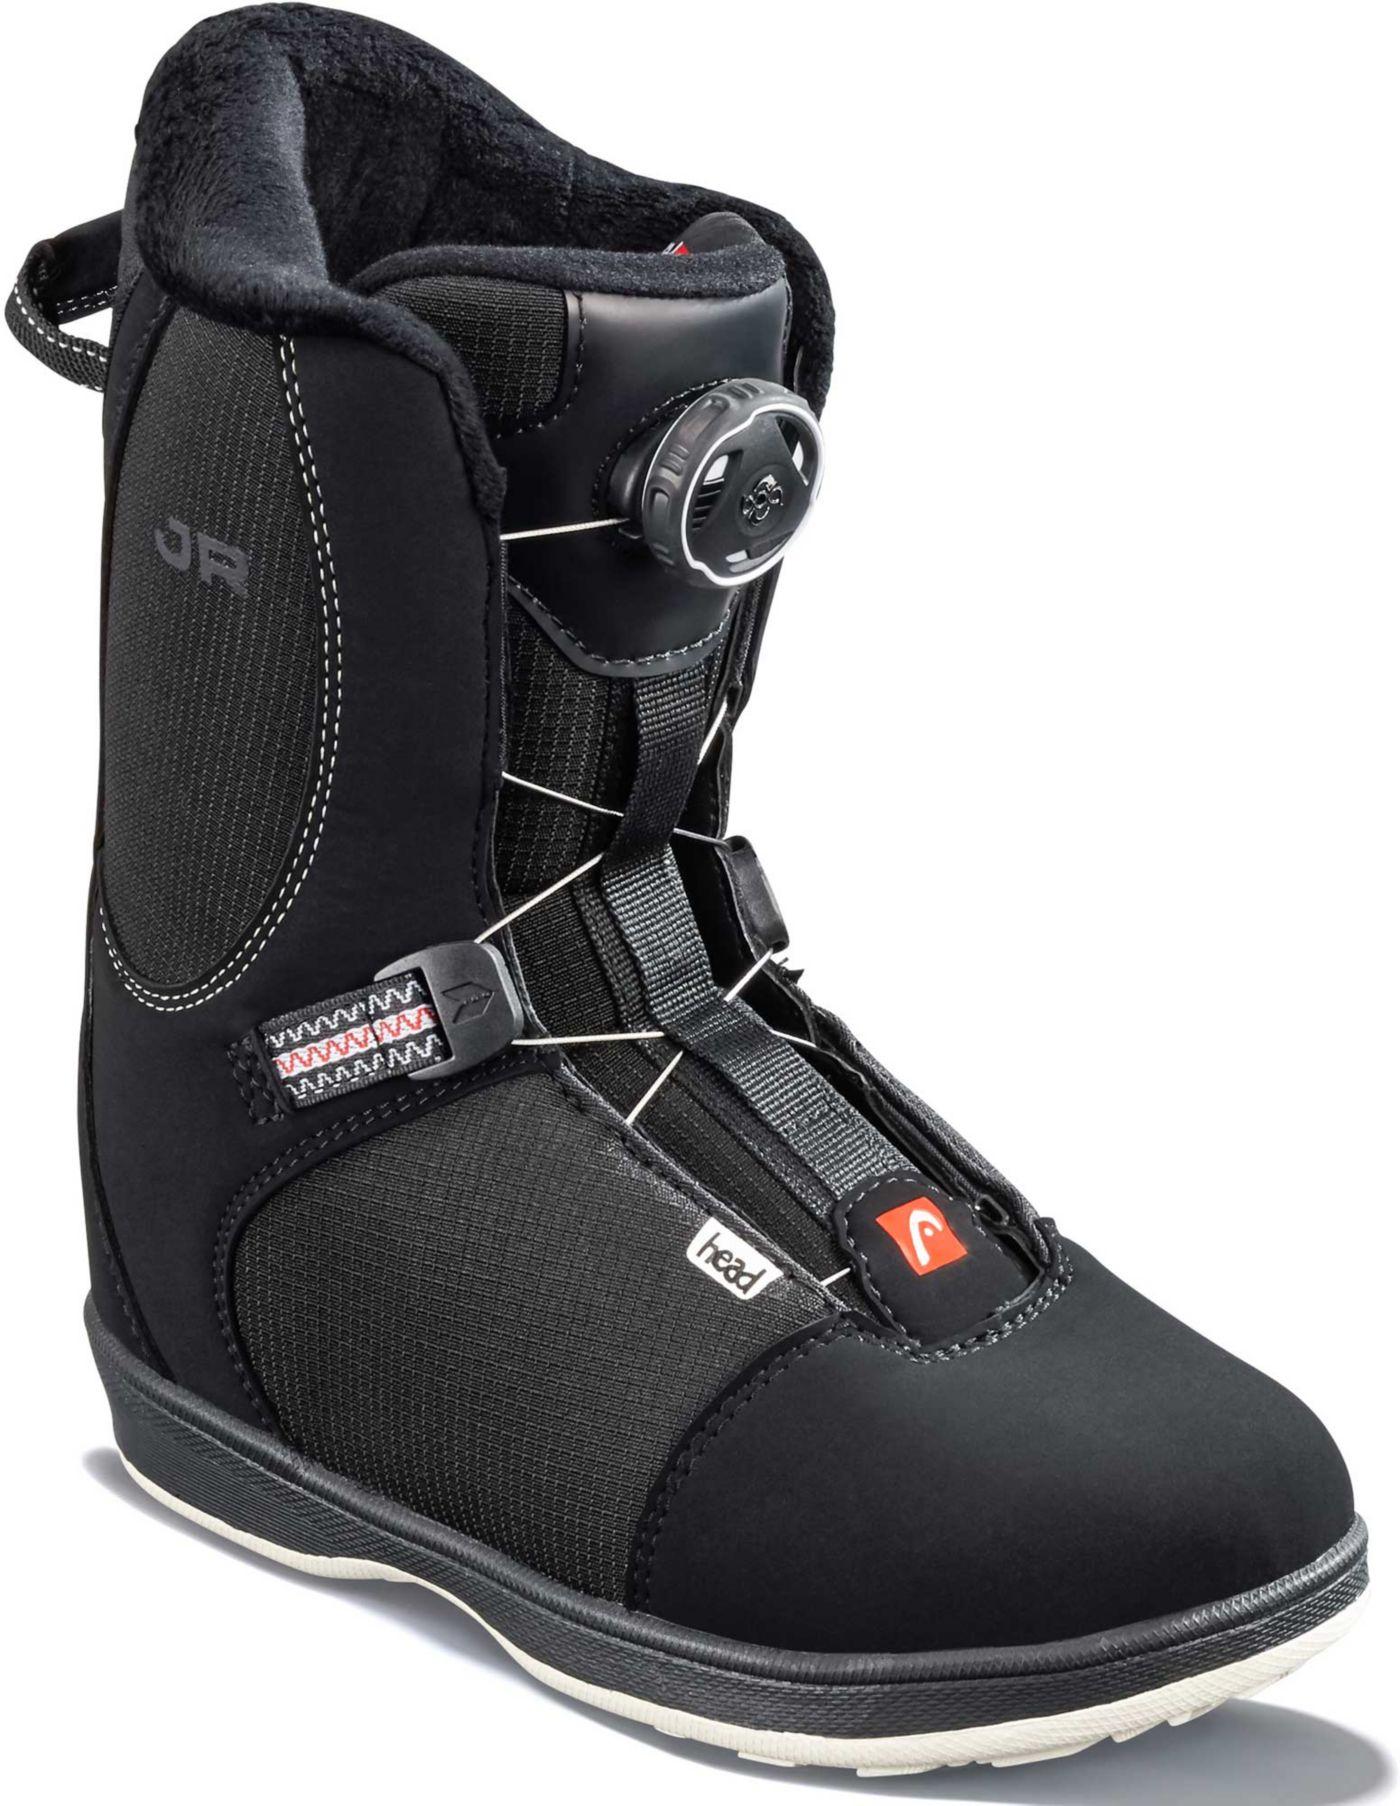 HEAD Jr. Boa 2019-2020 Snowboard Boots